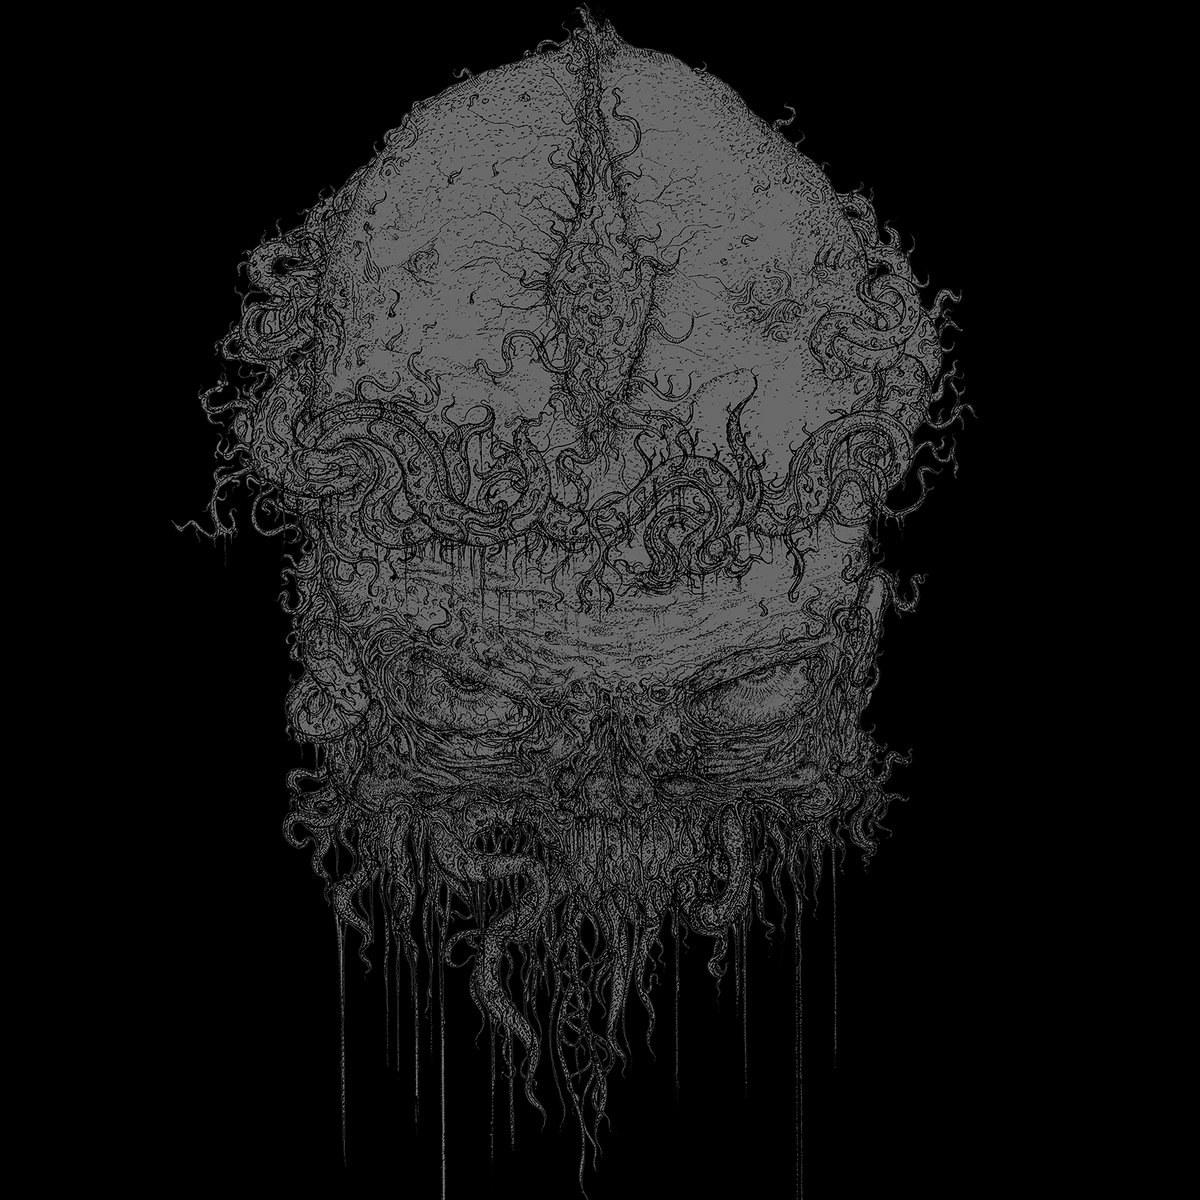 VON - Rarities Compilation